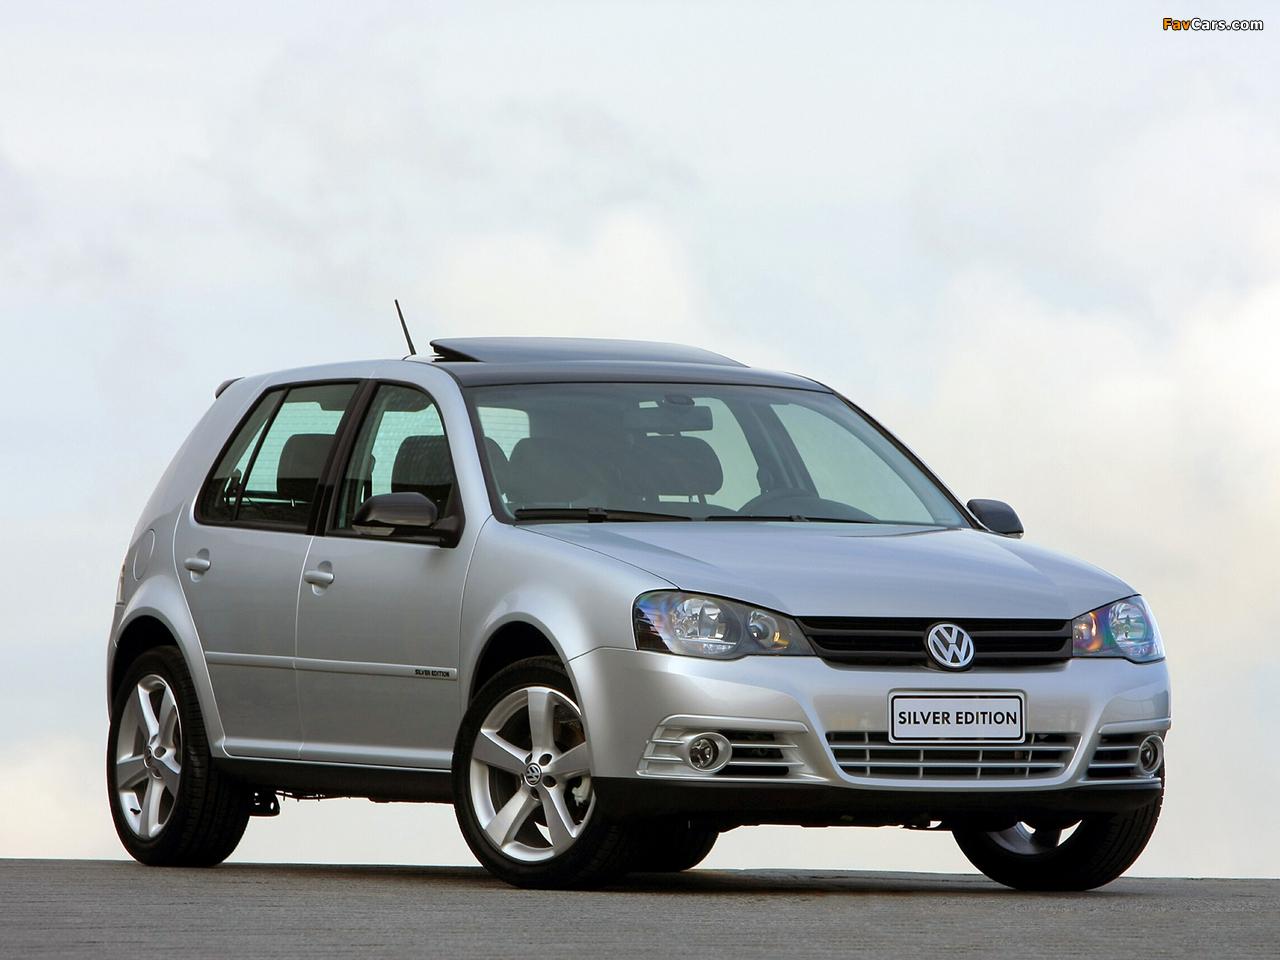 Volkswagen Golf Silver Edition BR-spec (Typ 1J) 2009 photos (1280 x 960)